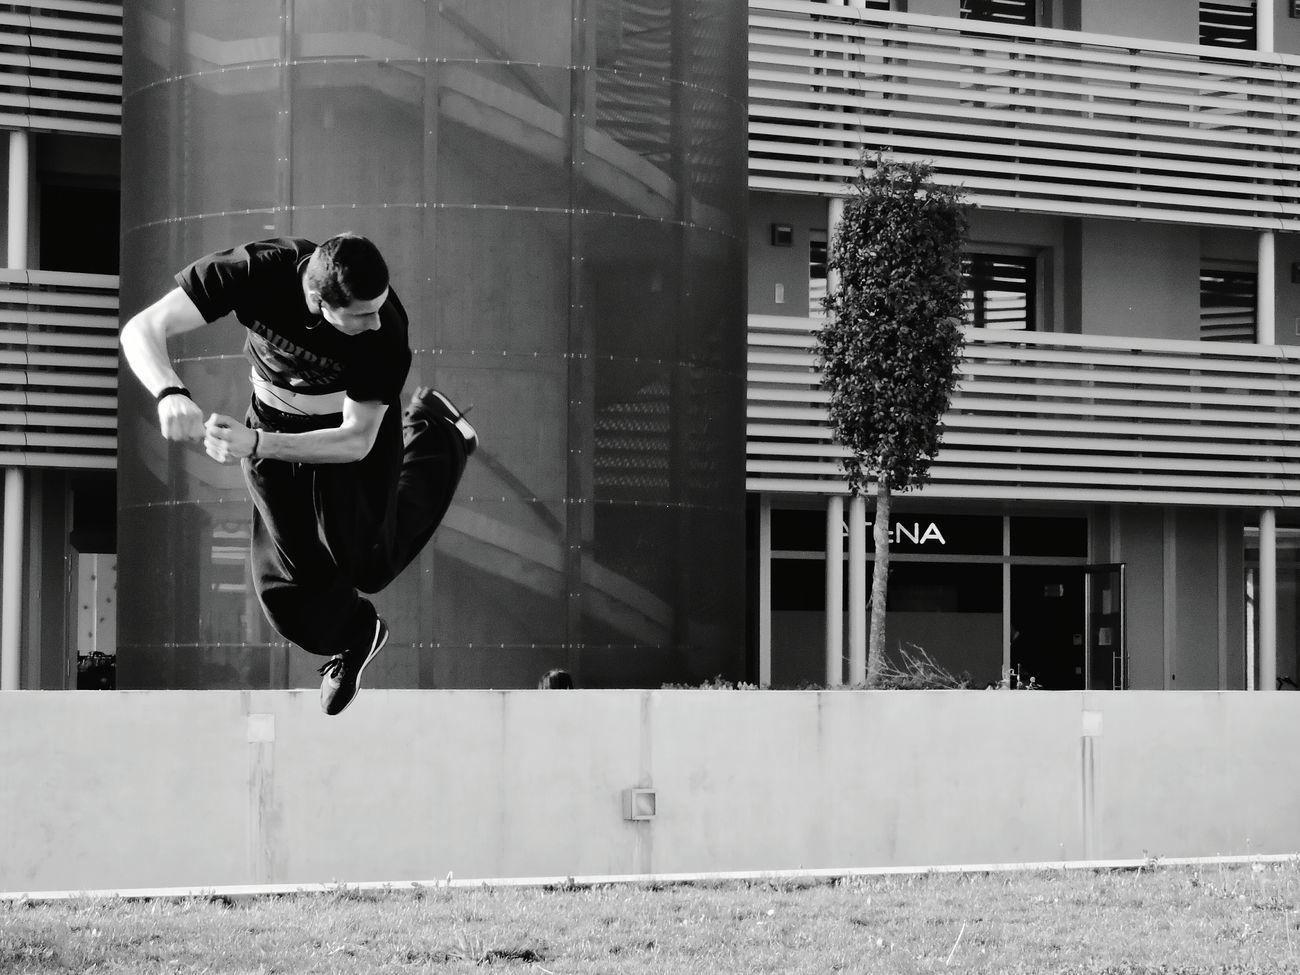 Urban Sports Parkour Urban Italy Blackandwhite Nikon Jumpers